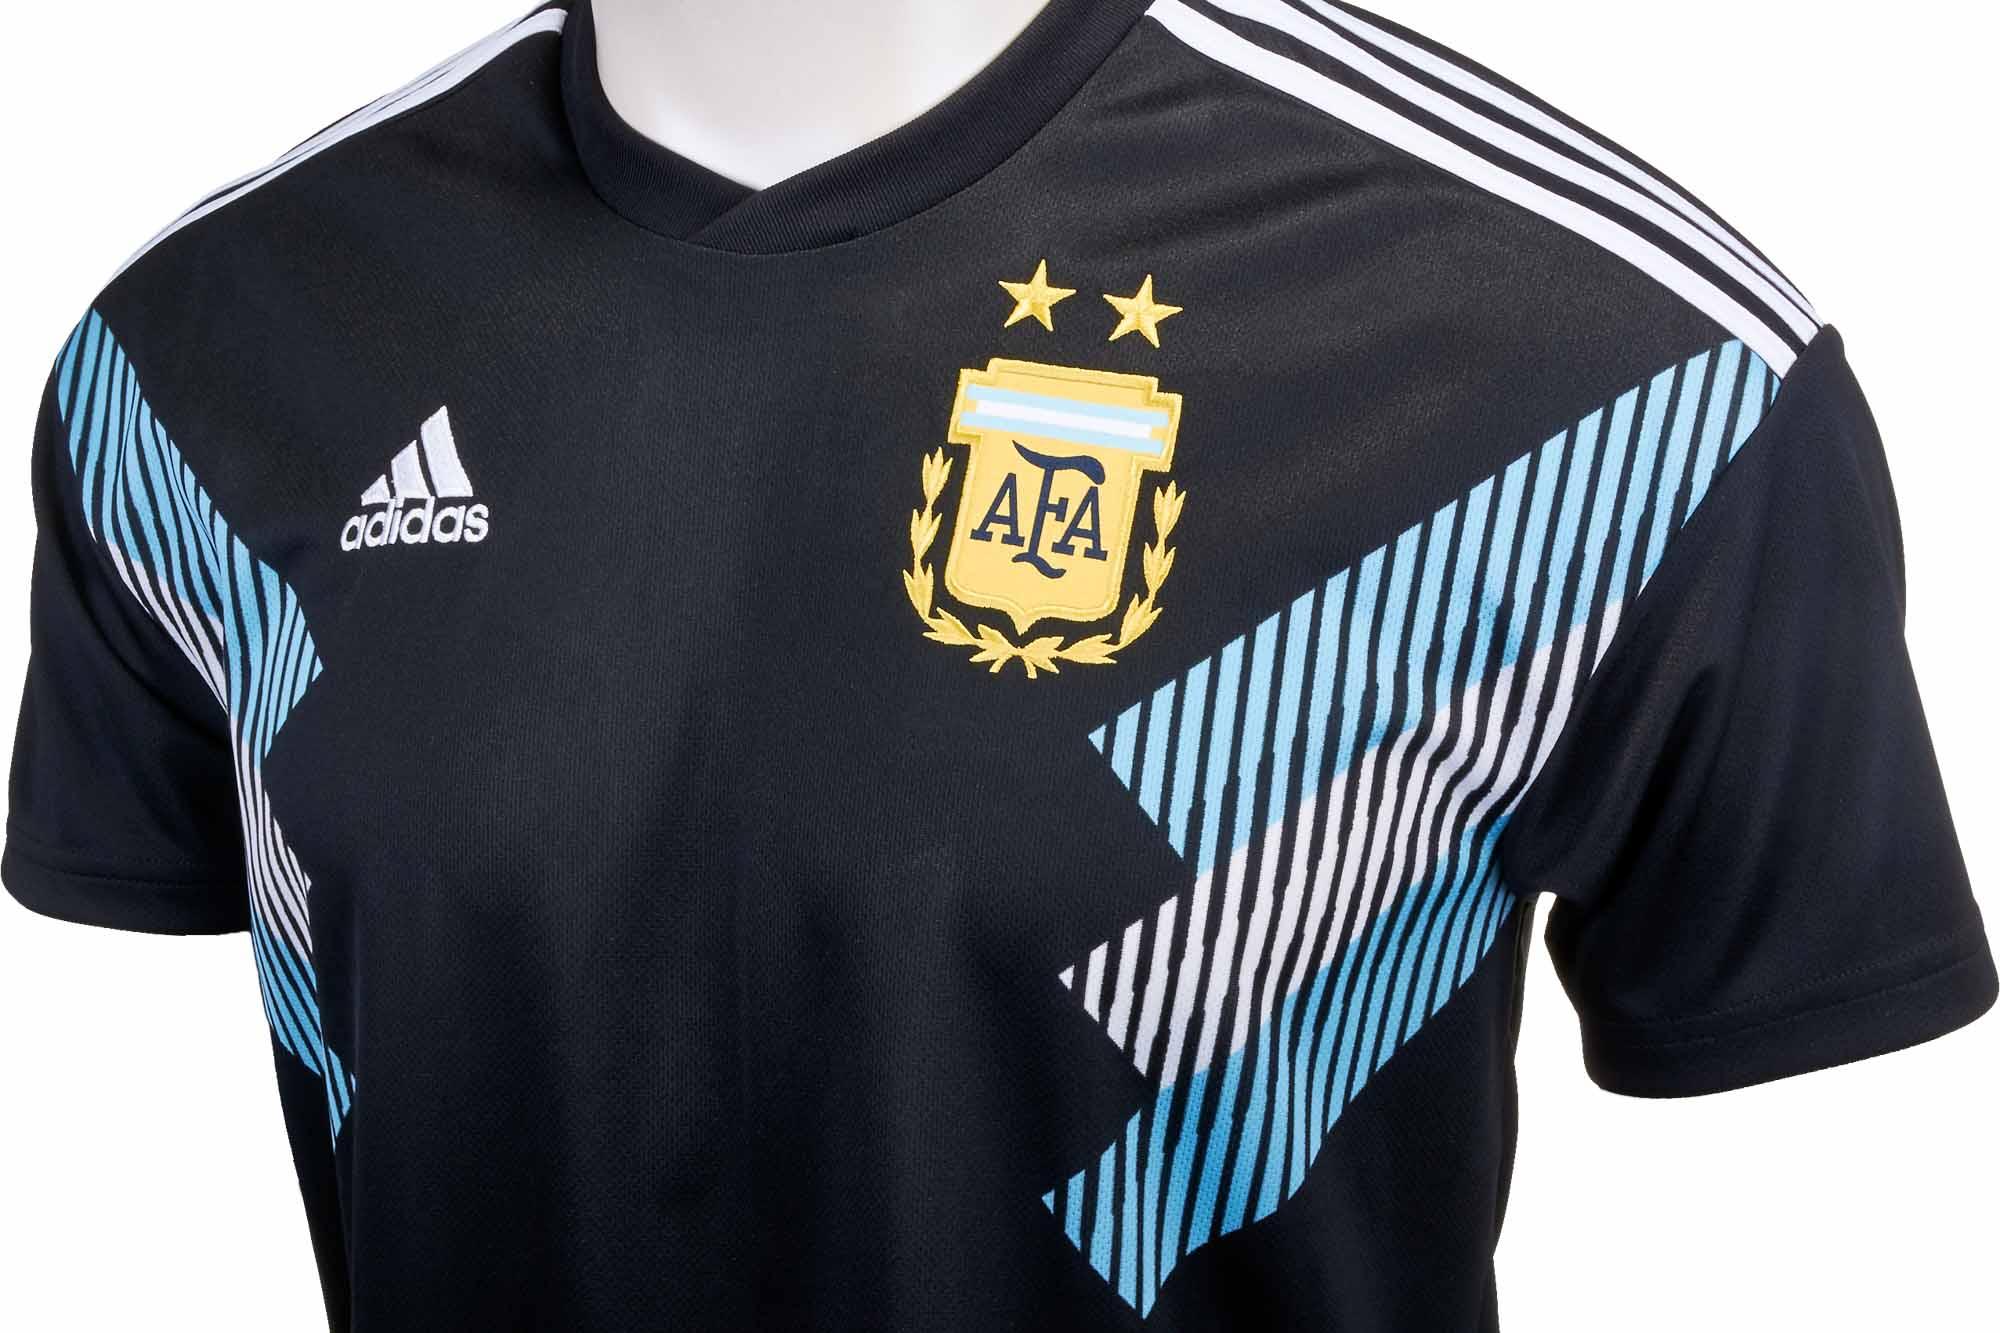 fea02a36f34 adidas Kids Argentina Away Jersey 2018-19 - SoccerPro.com